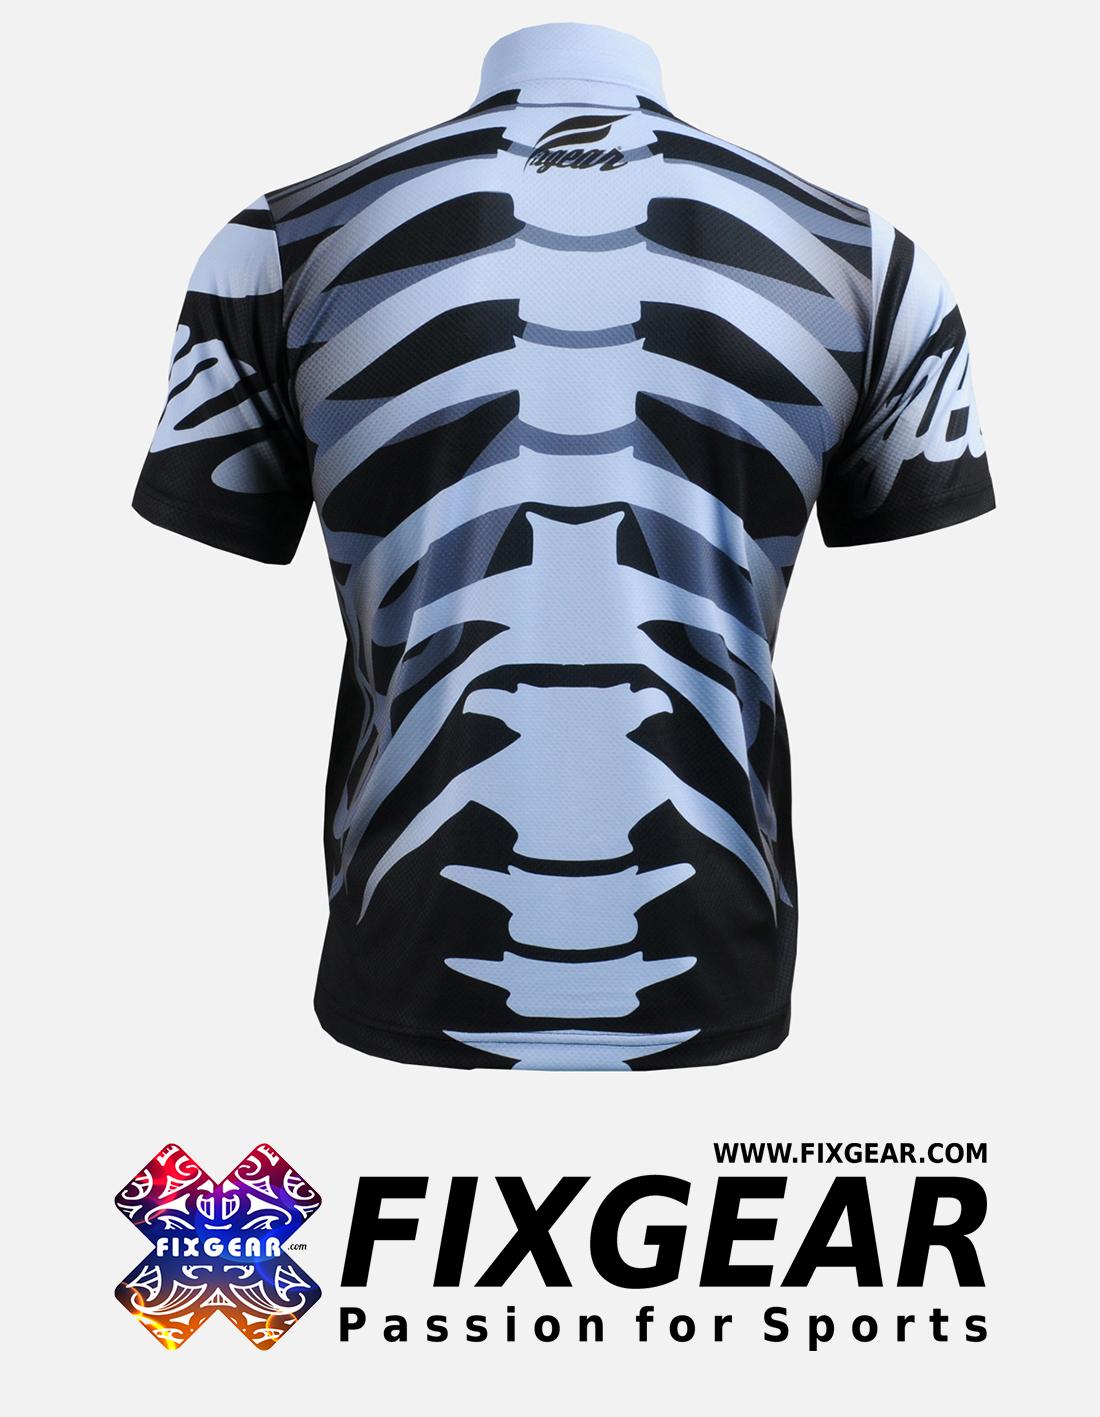 FIXGEAR BM-5502 Casual Men's short sleeve jersey 1/4 zip-up T-Shirt